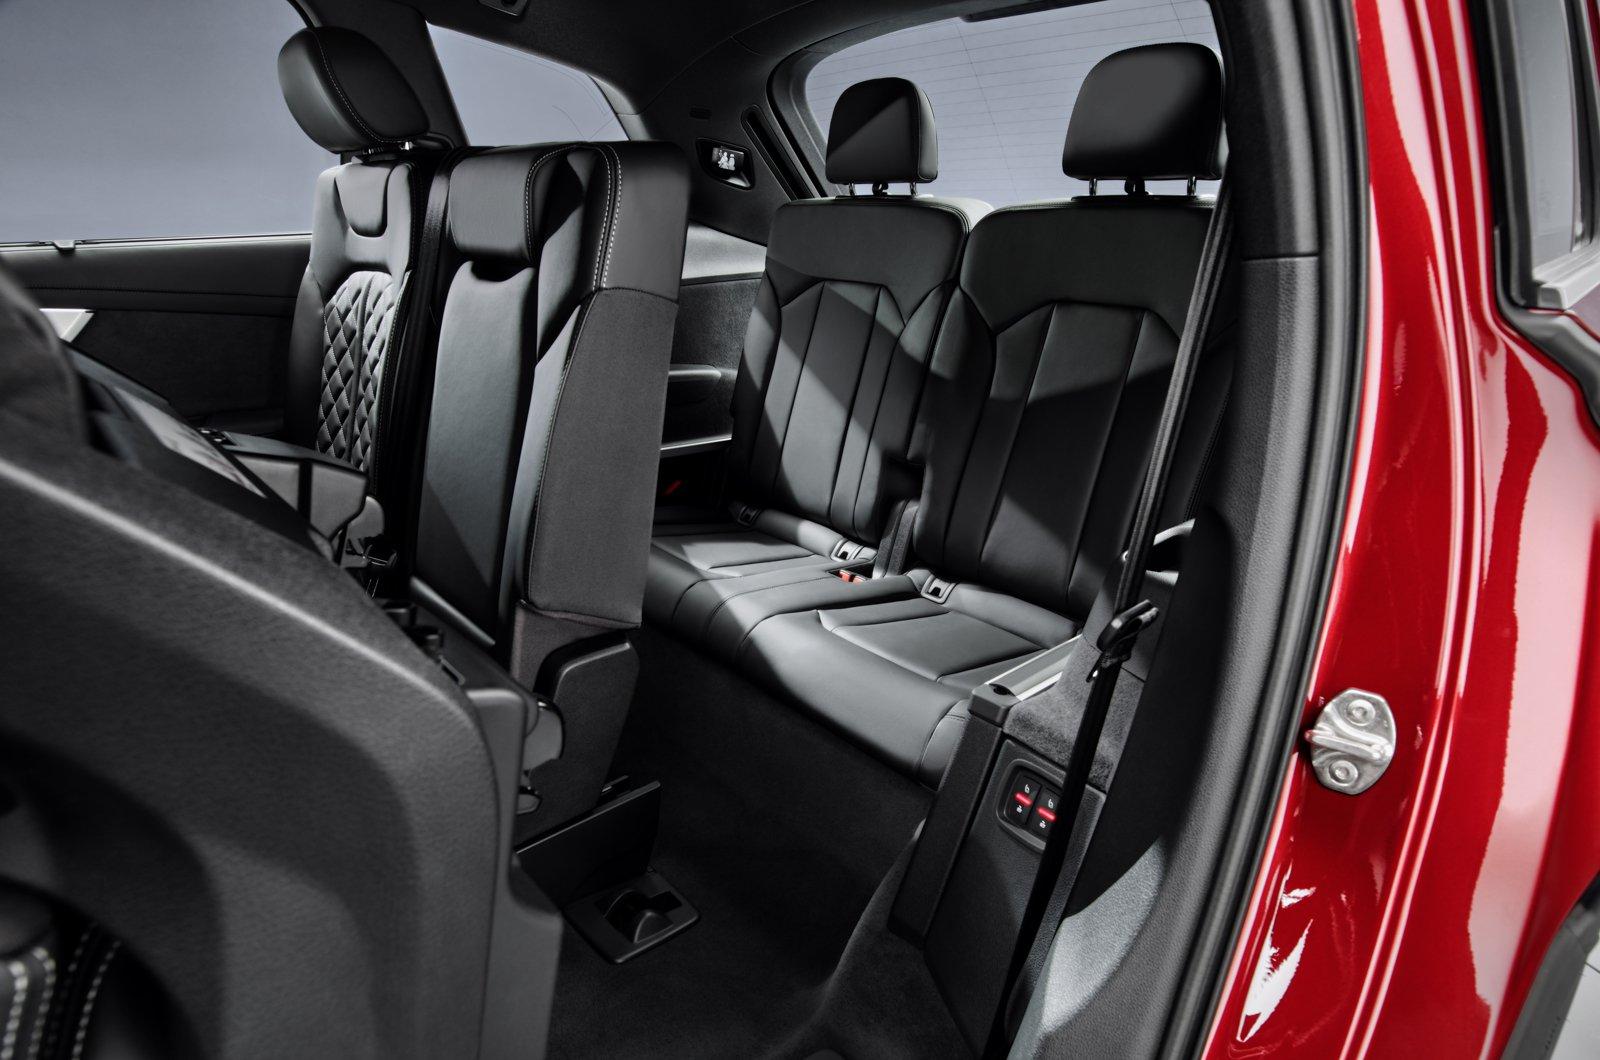 2020 Audi Q7 rear seats